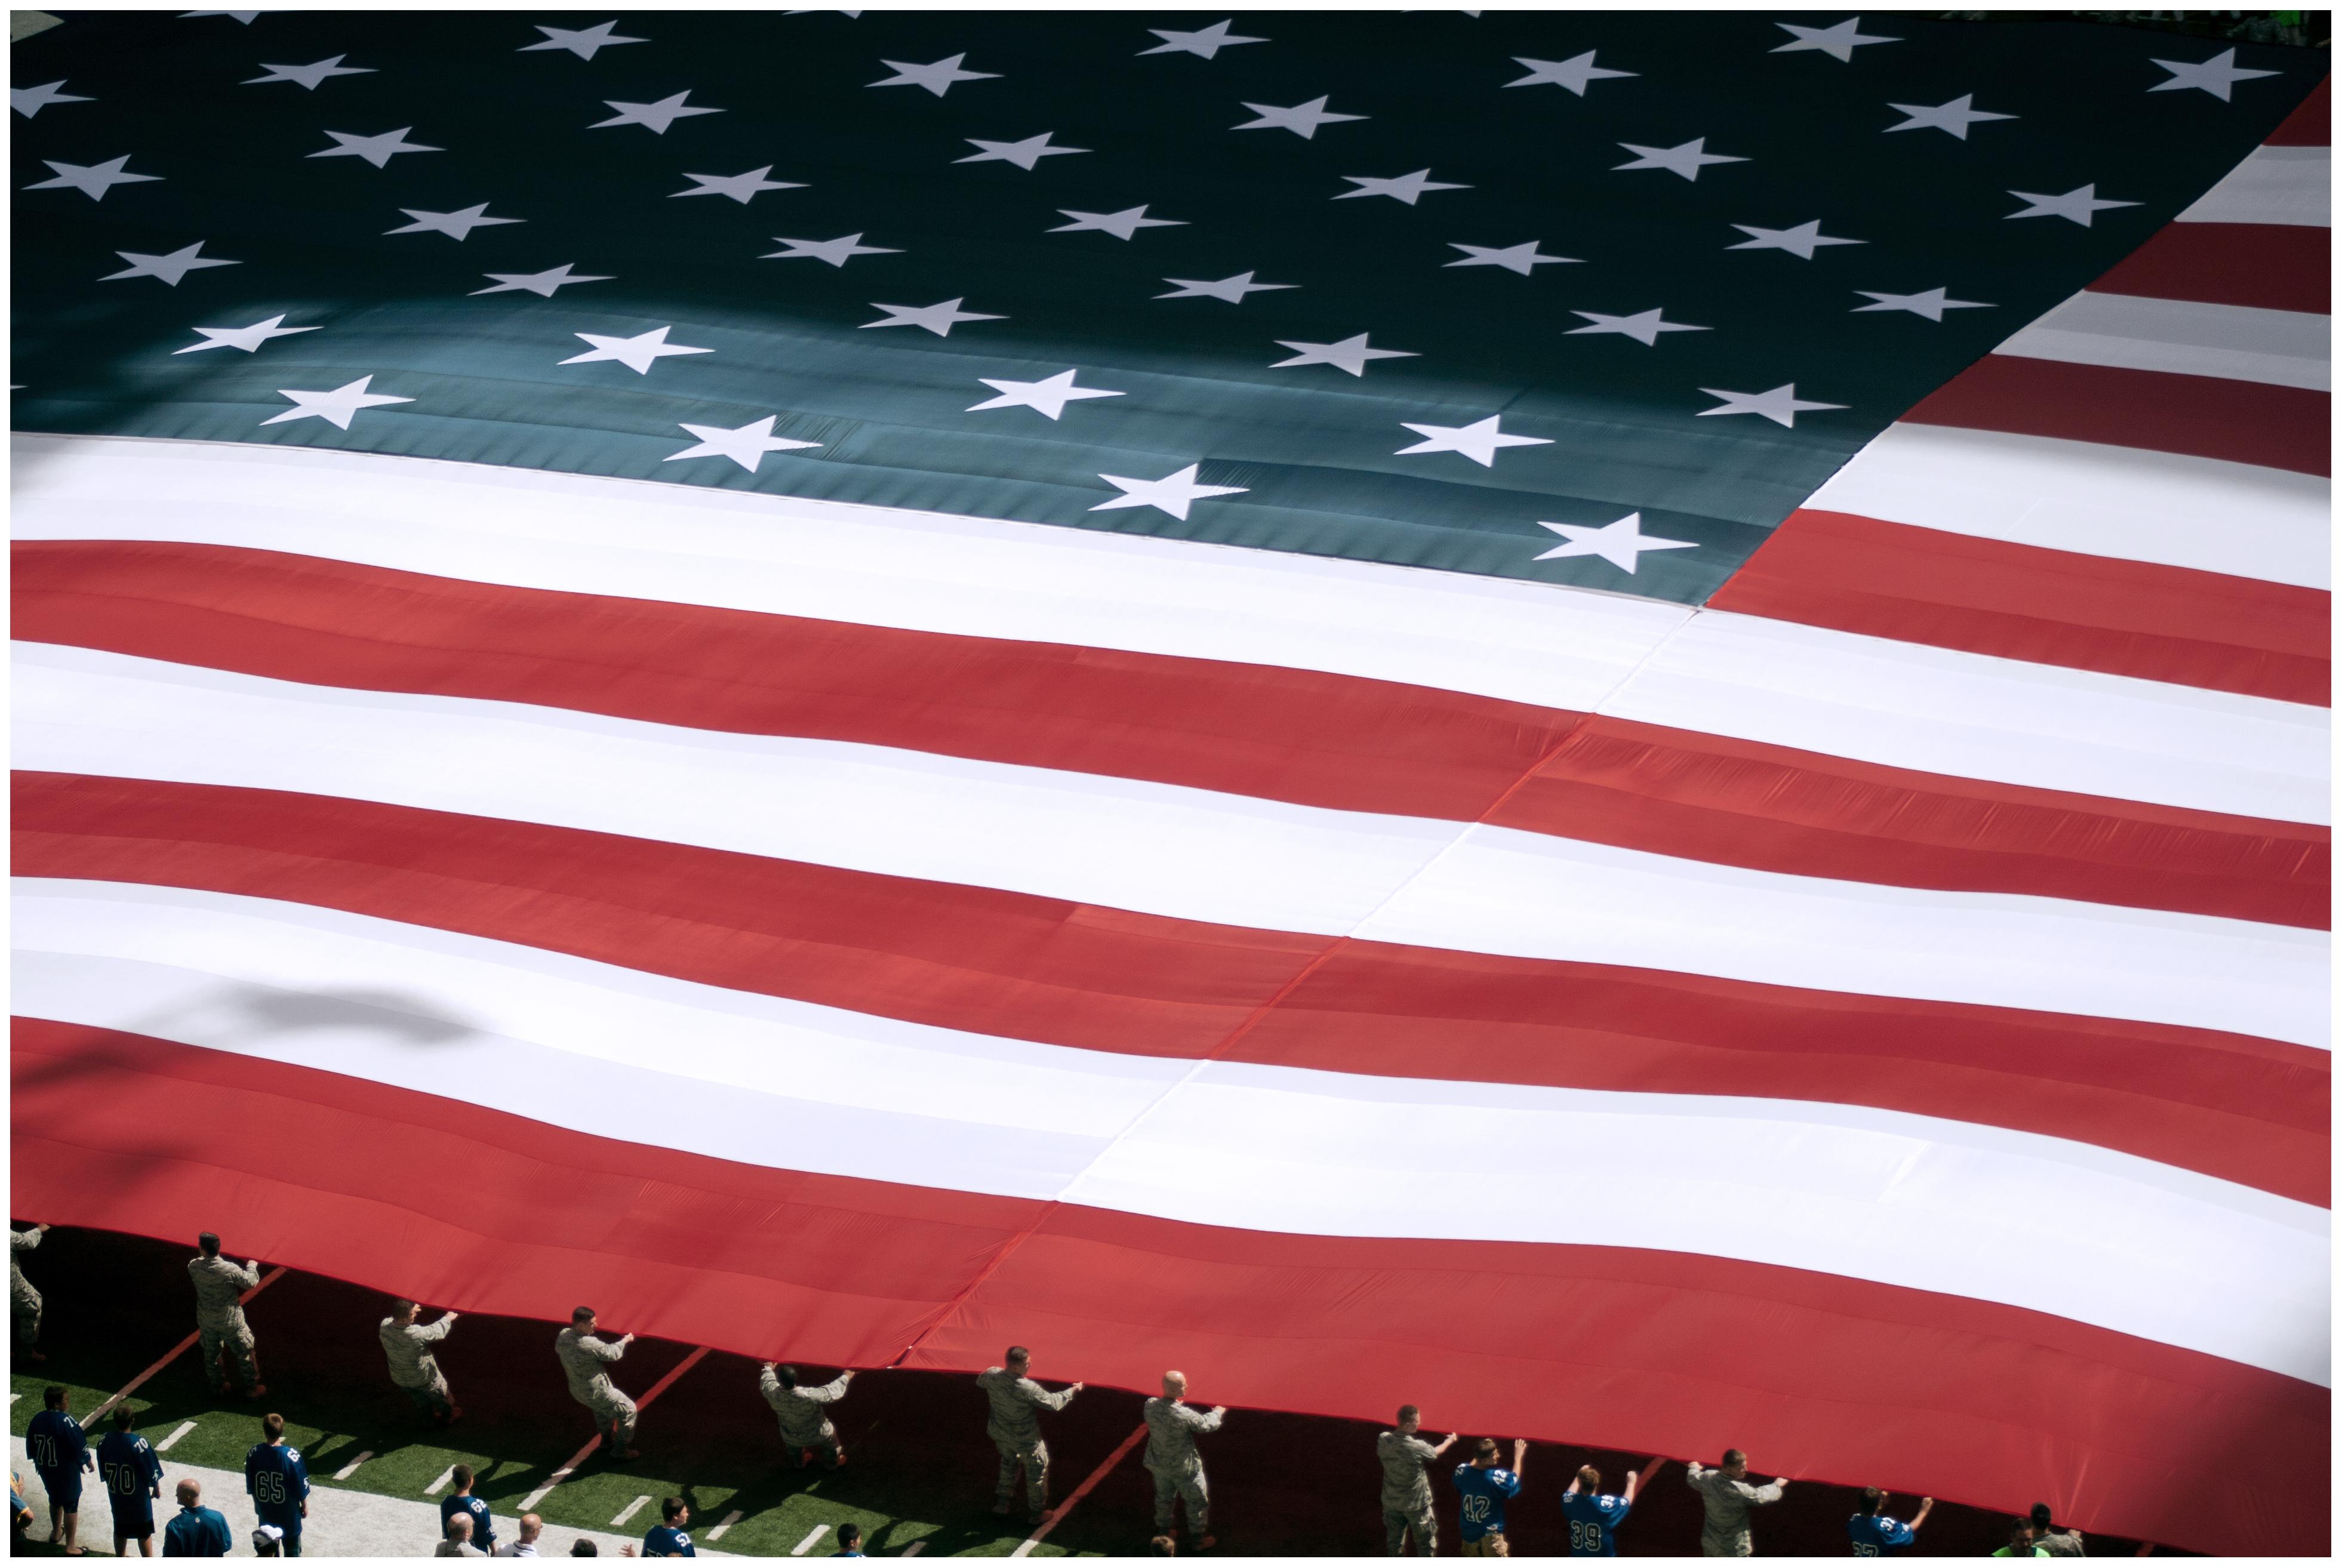 デスクトップ壁紙 赤 アメリカ合衆国 スタジアム 米国の国旗